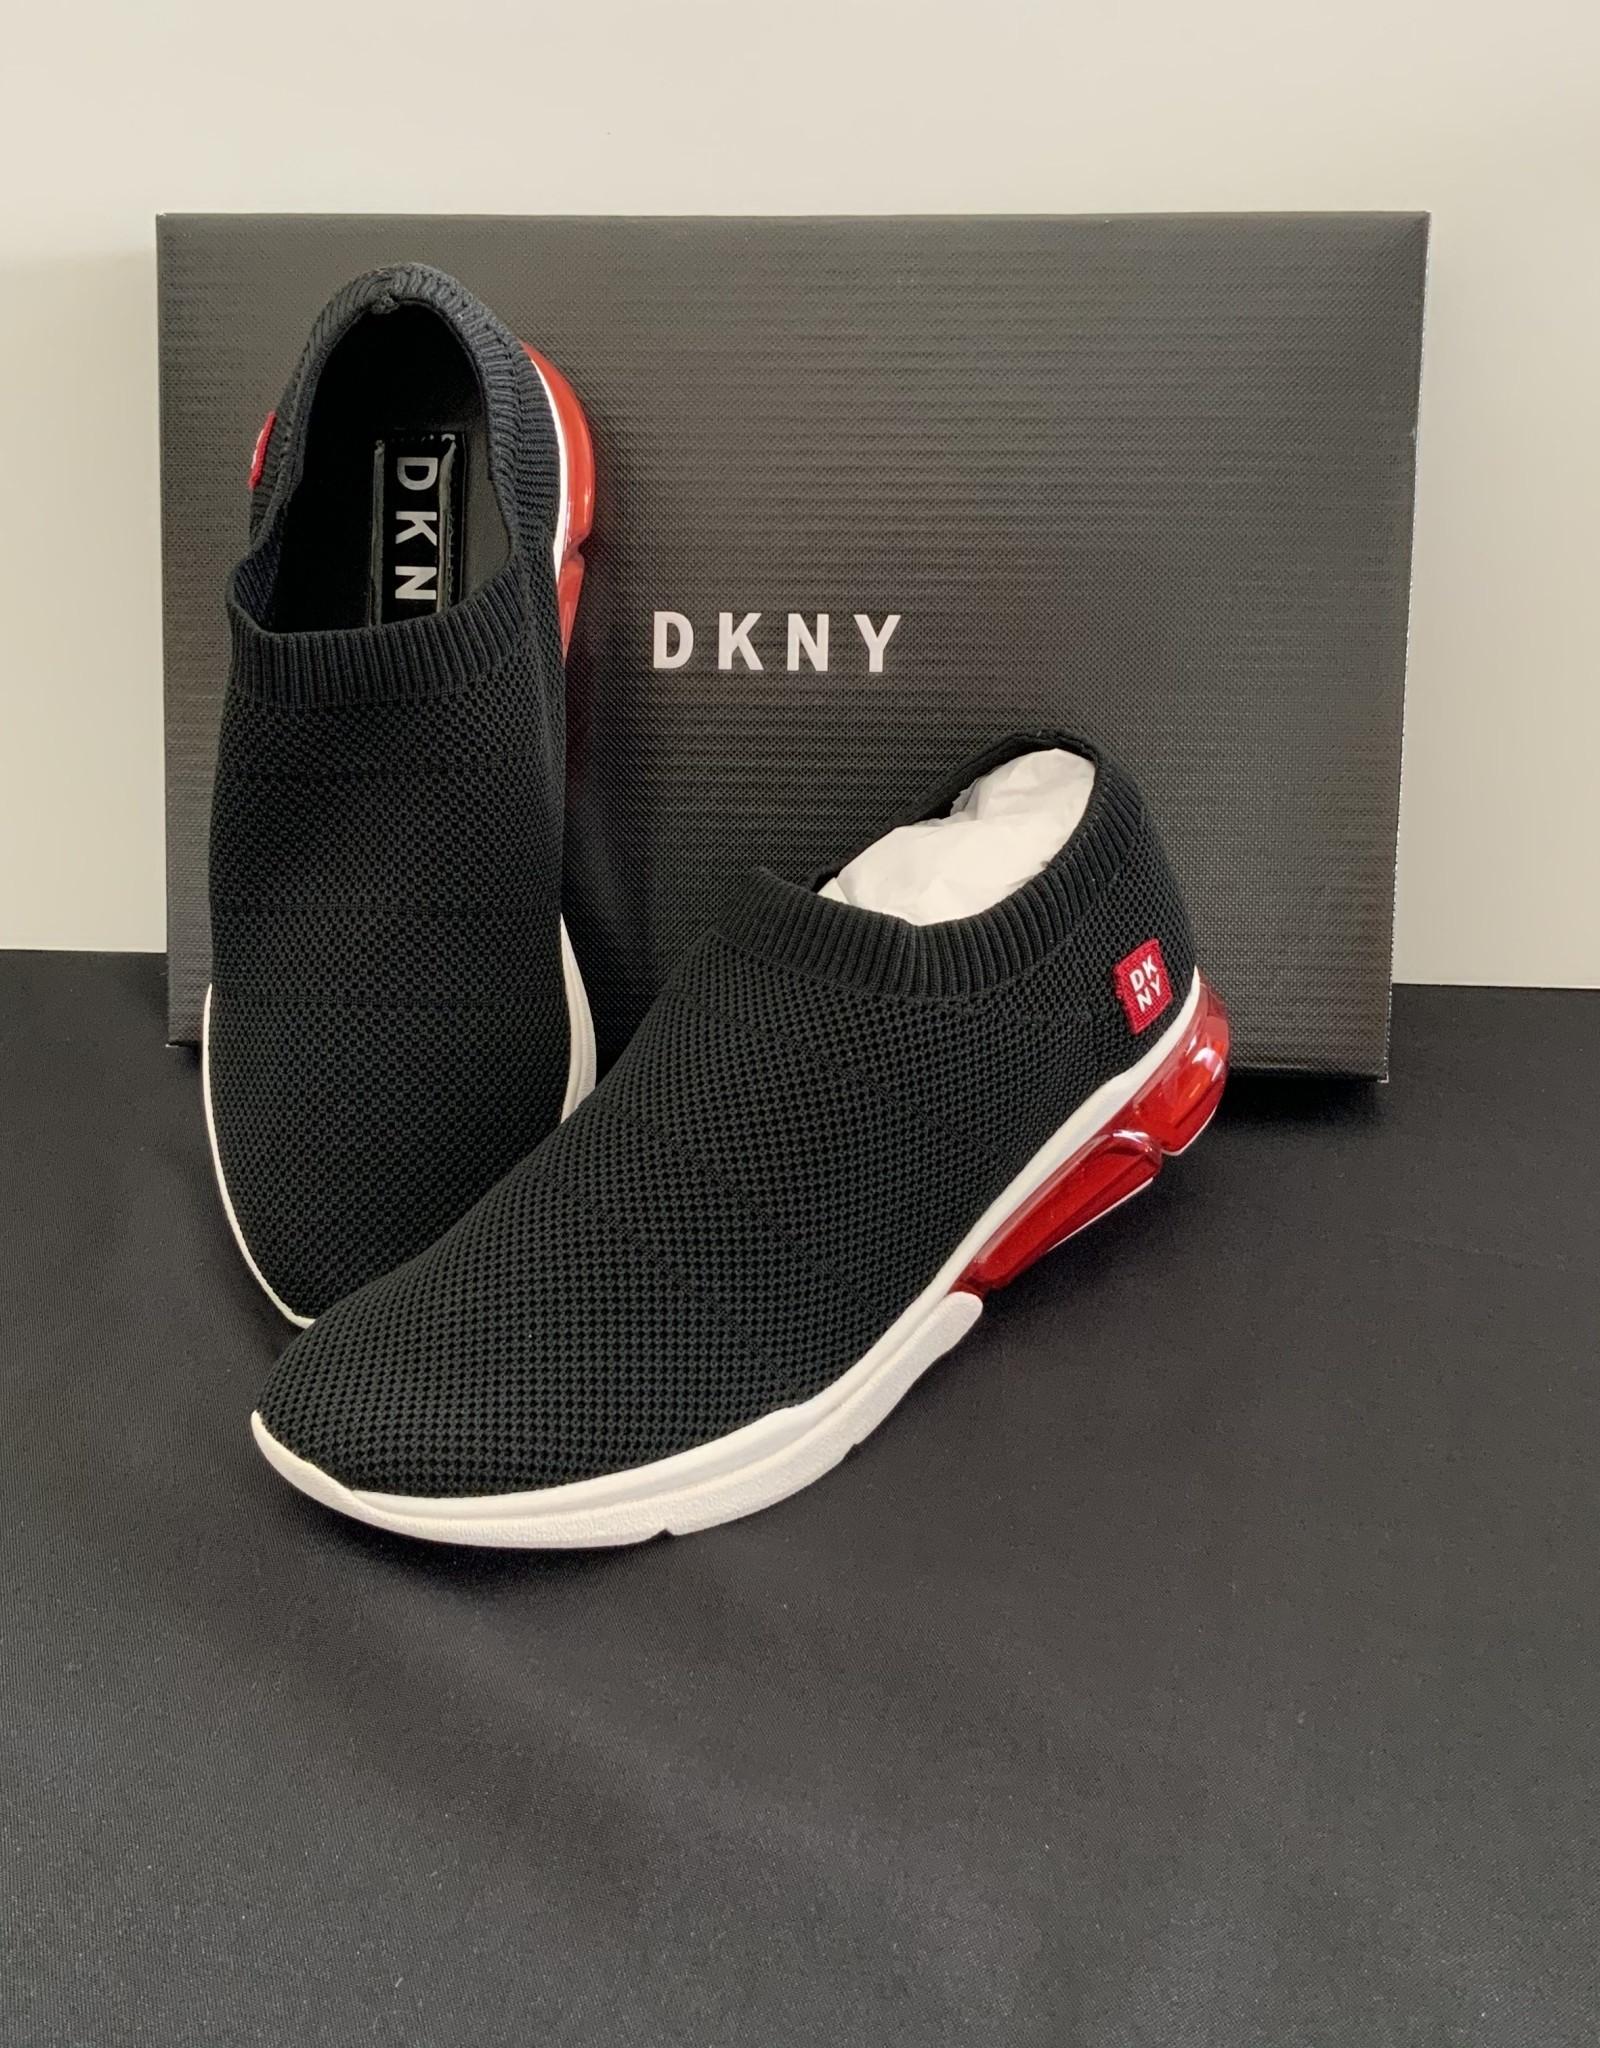 DKNY DKNY Slip-On Sneakers